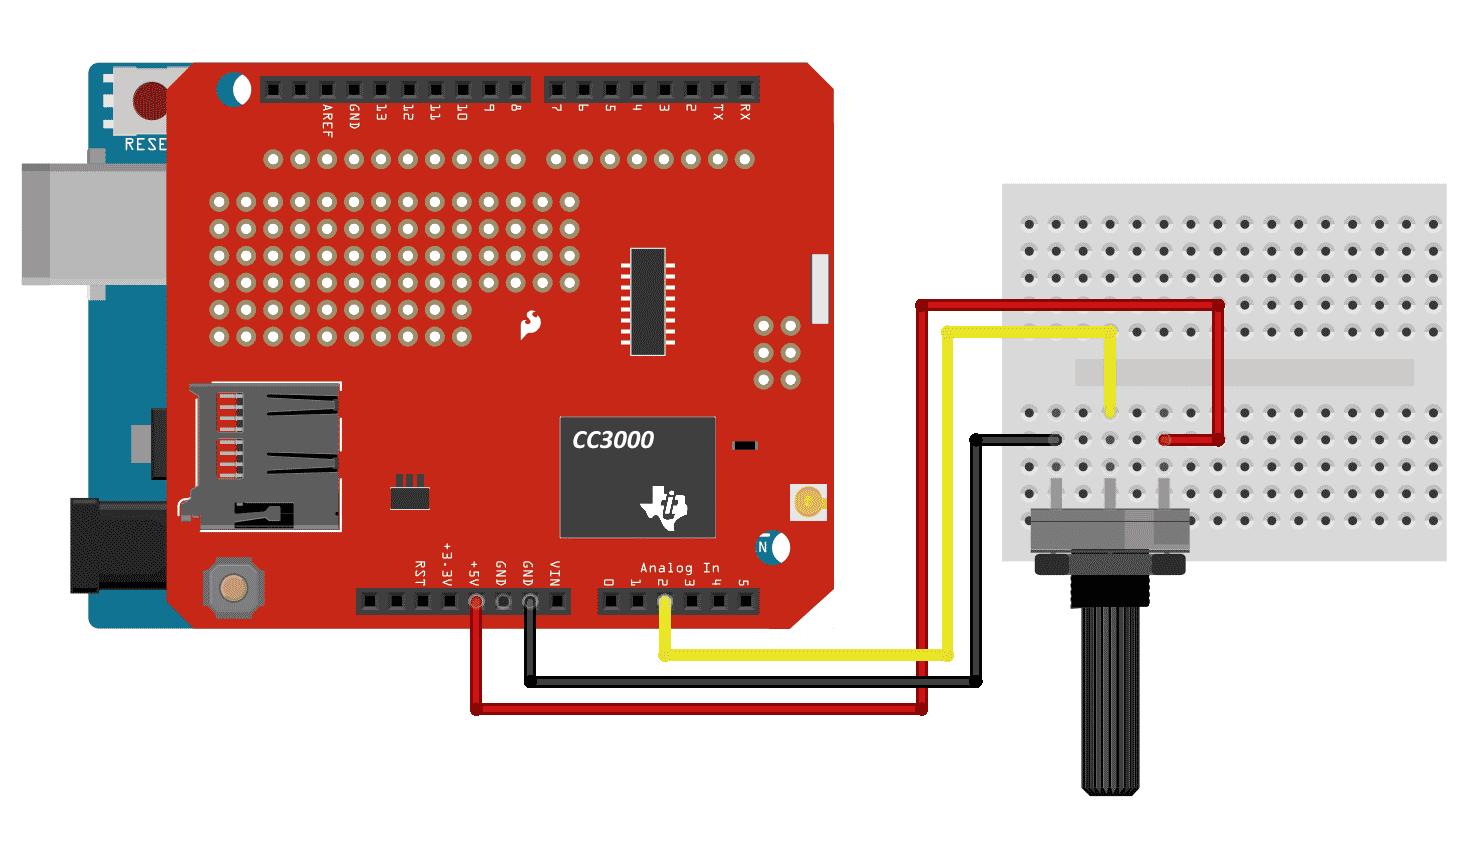 Circuito Arduino Uno Wifi Shield CC3000